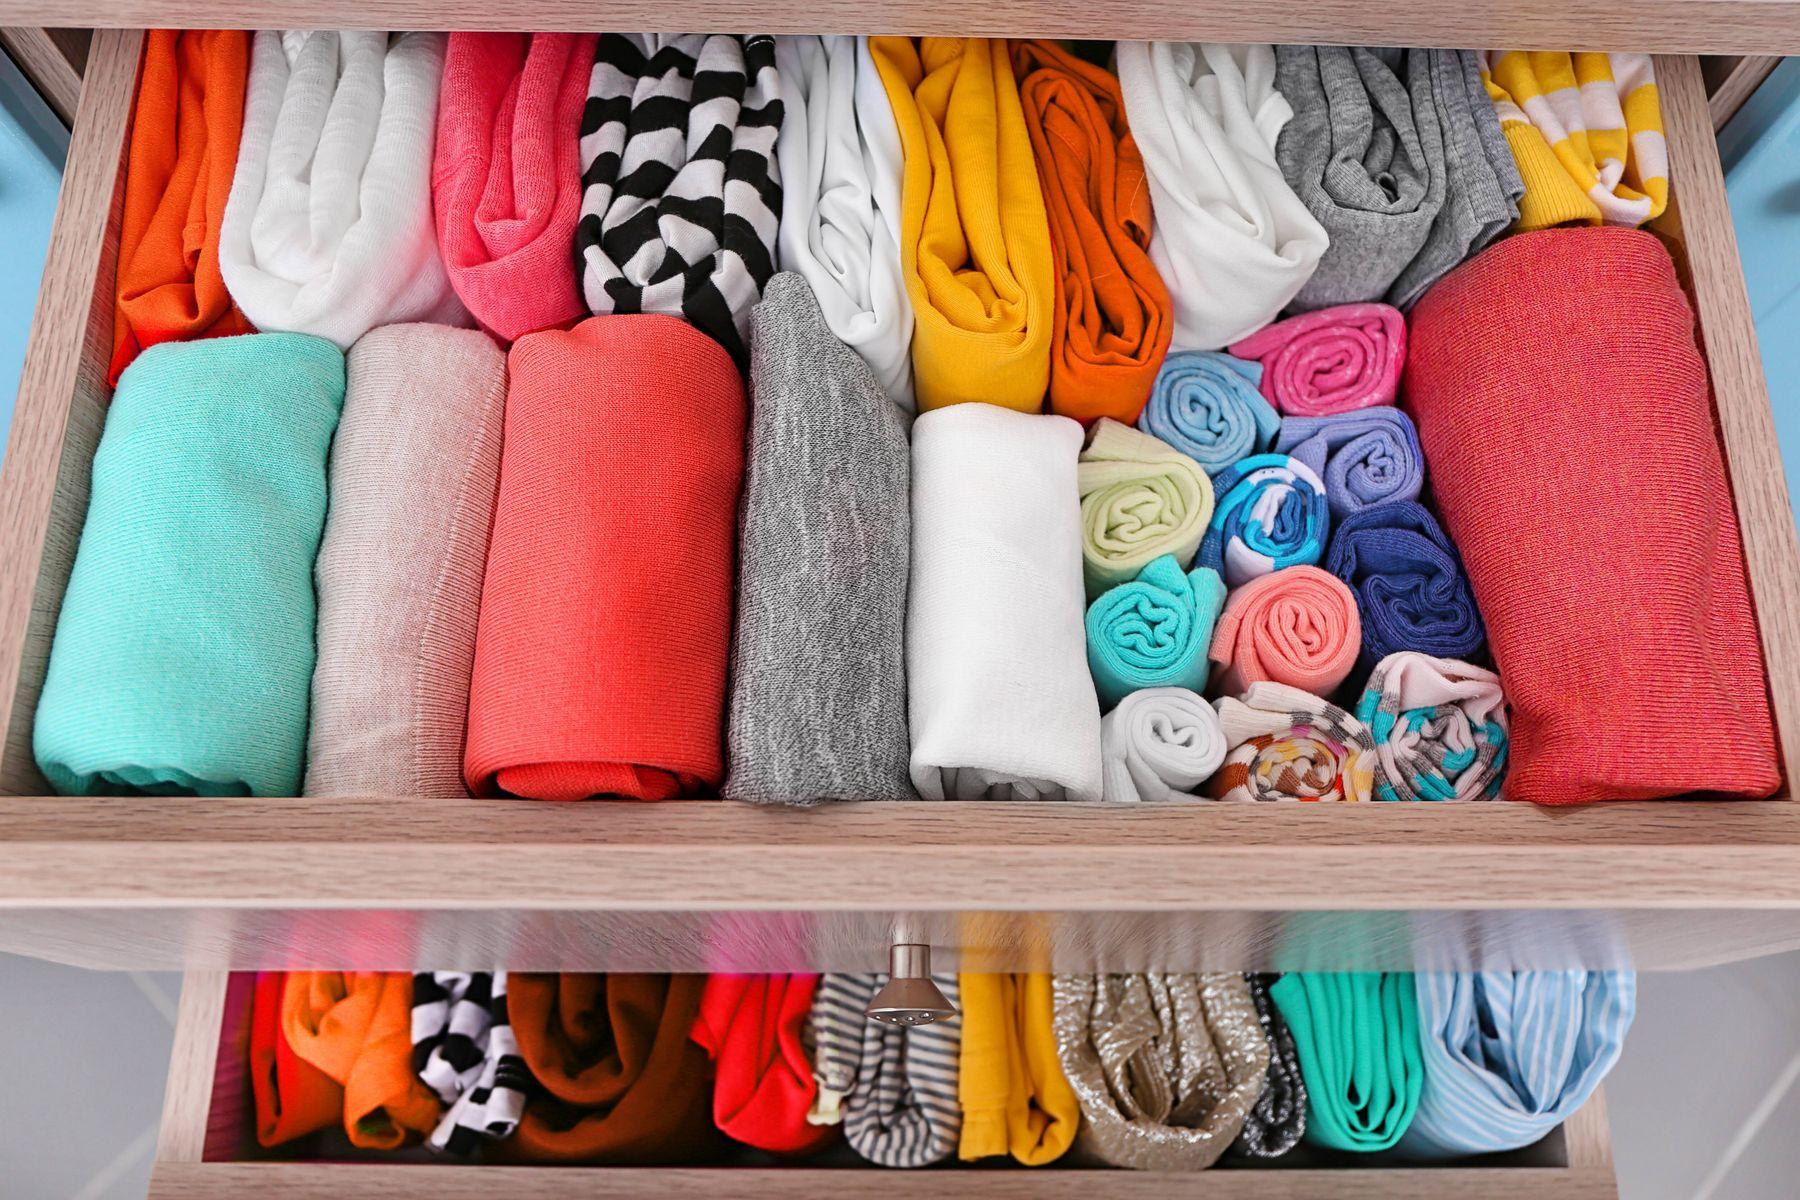 Duas gavetas abertas com roupas coloridas organizadas em rolinhos